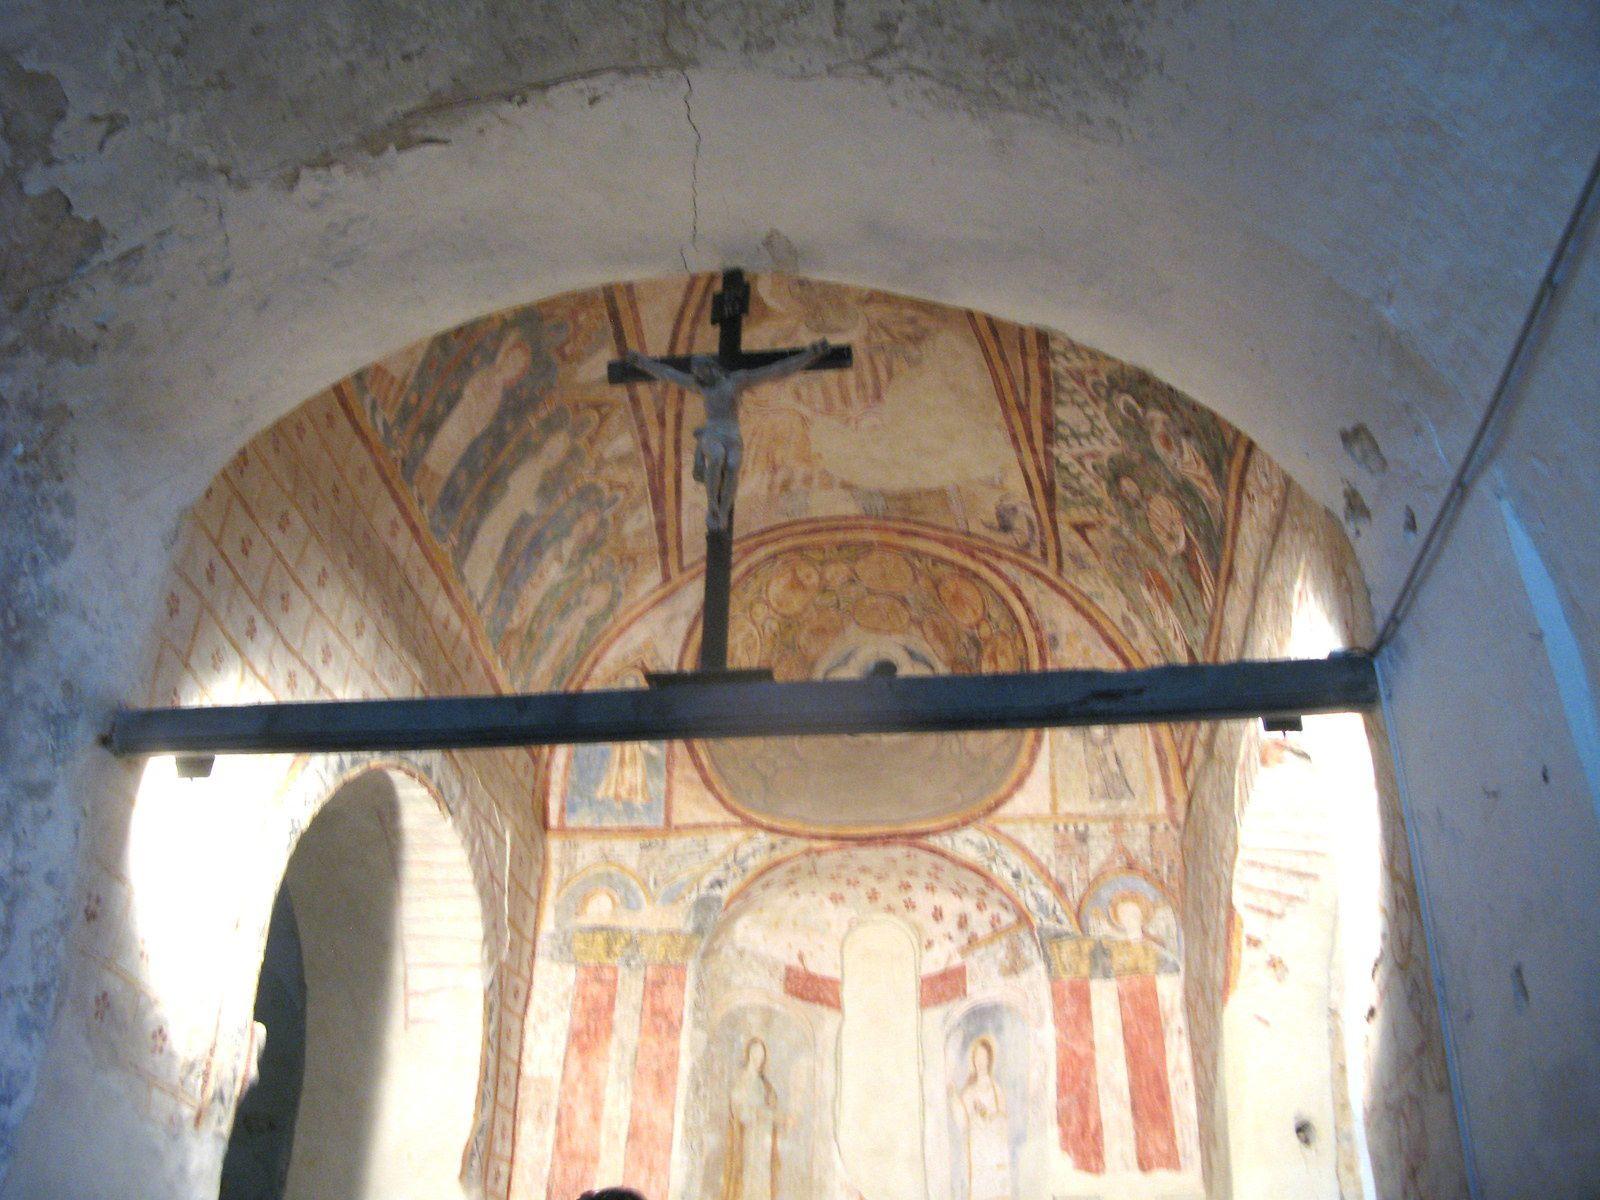 L'église Sainte Madeleine de Pignols: moyen age-france sur charlotteblabla blog